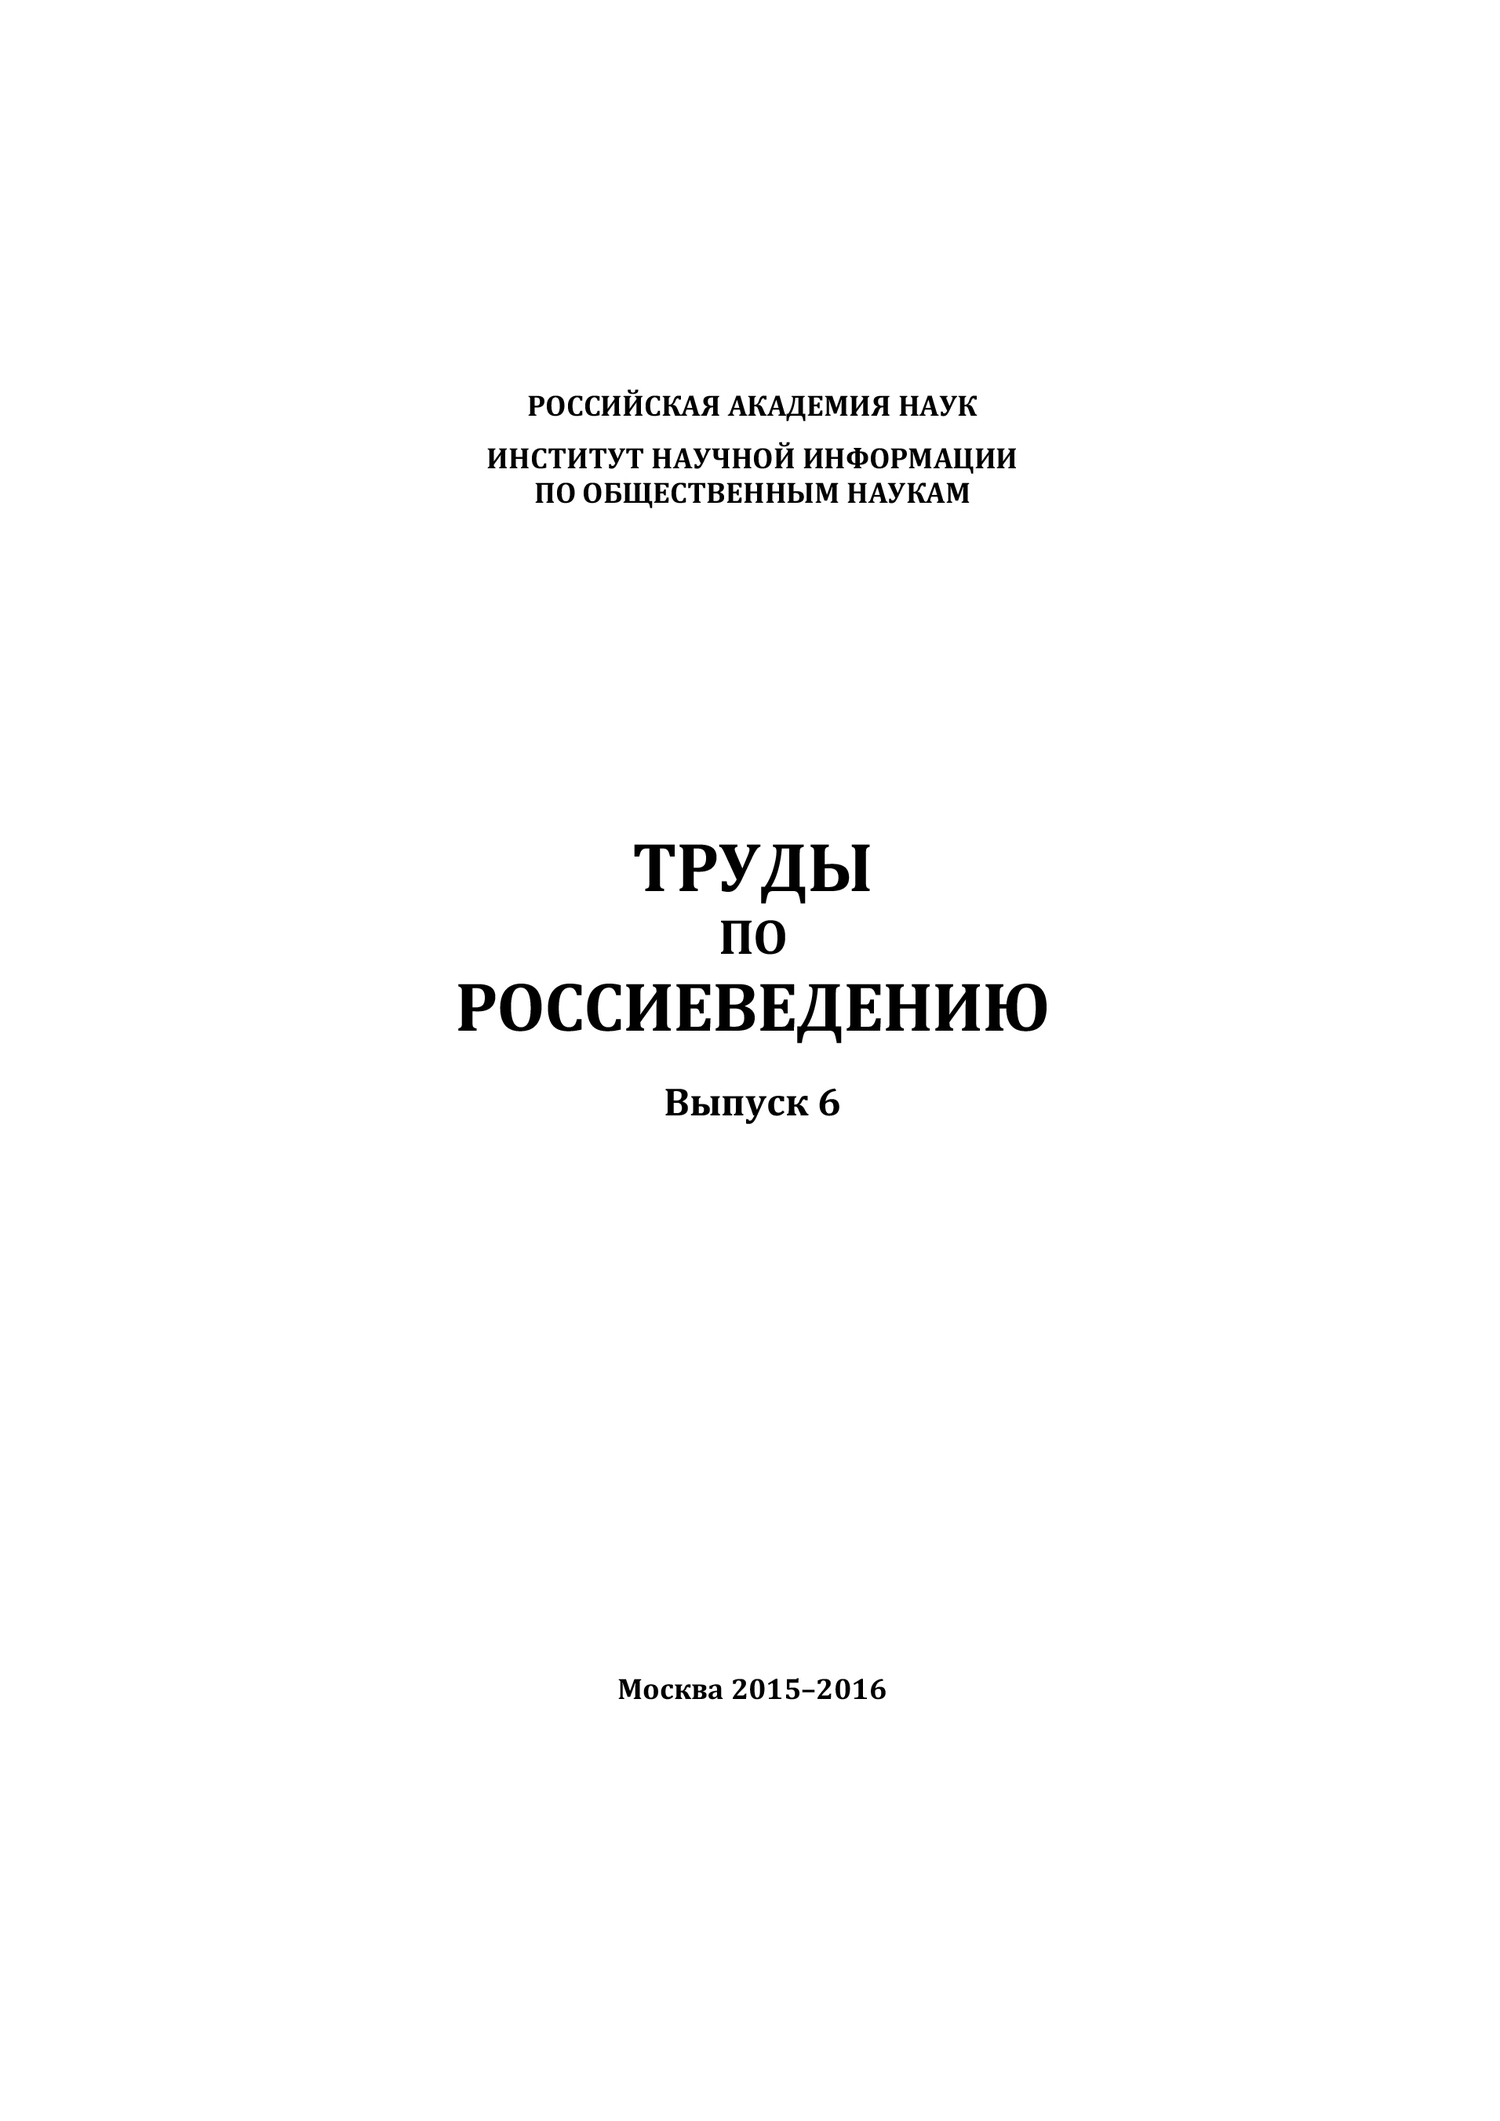 Коллектив авторов - Труды по россиеведению. Выпуск 6